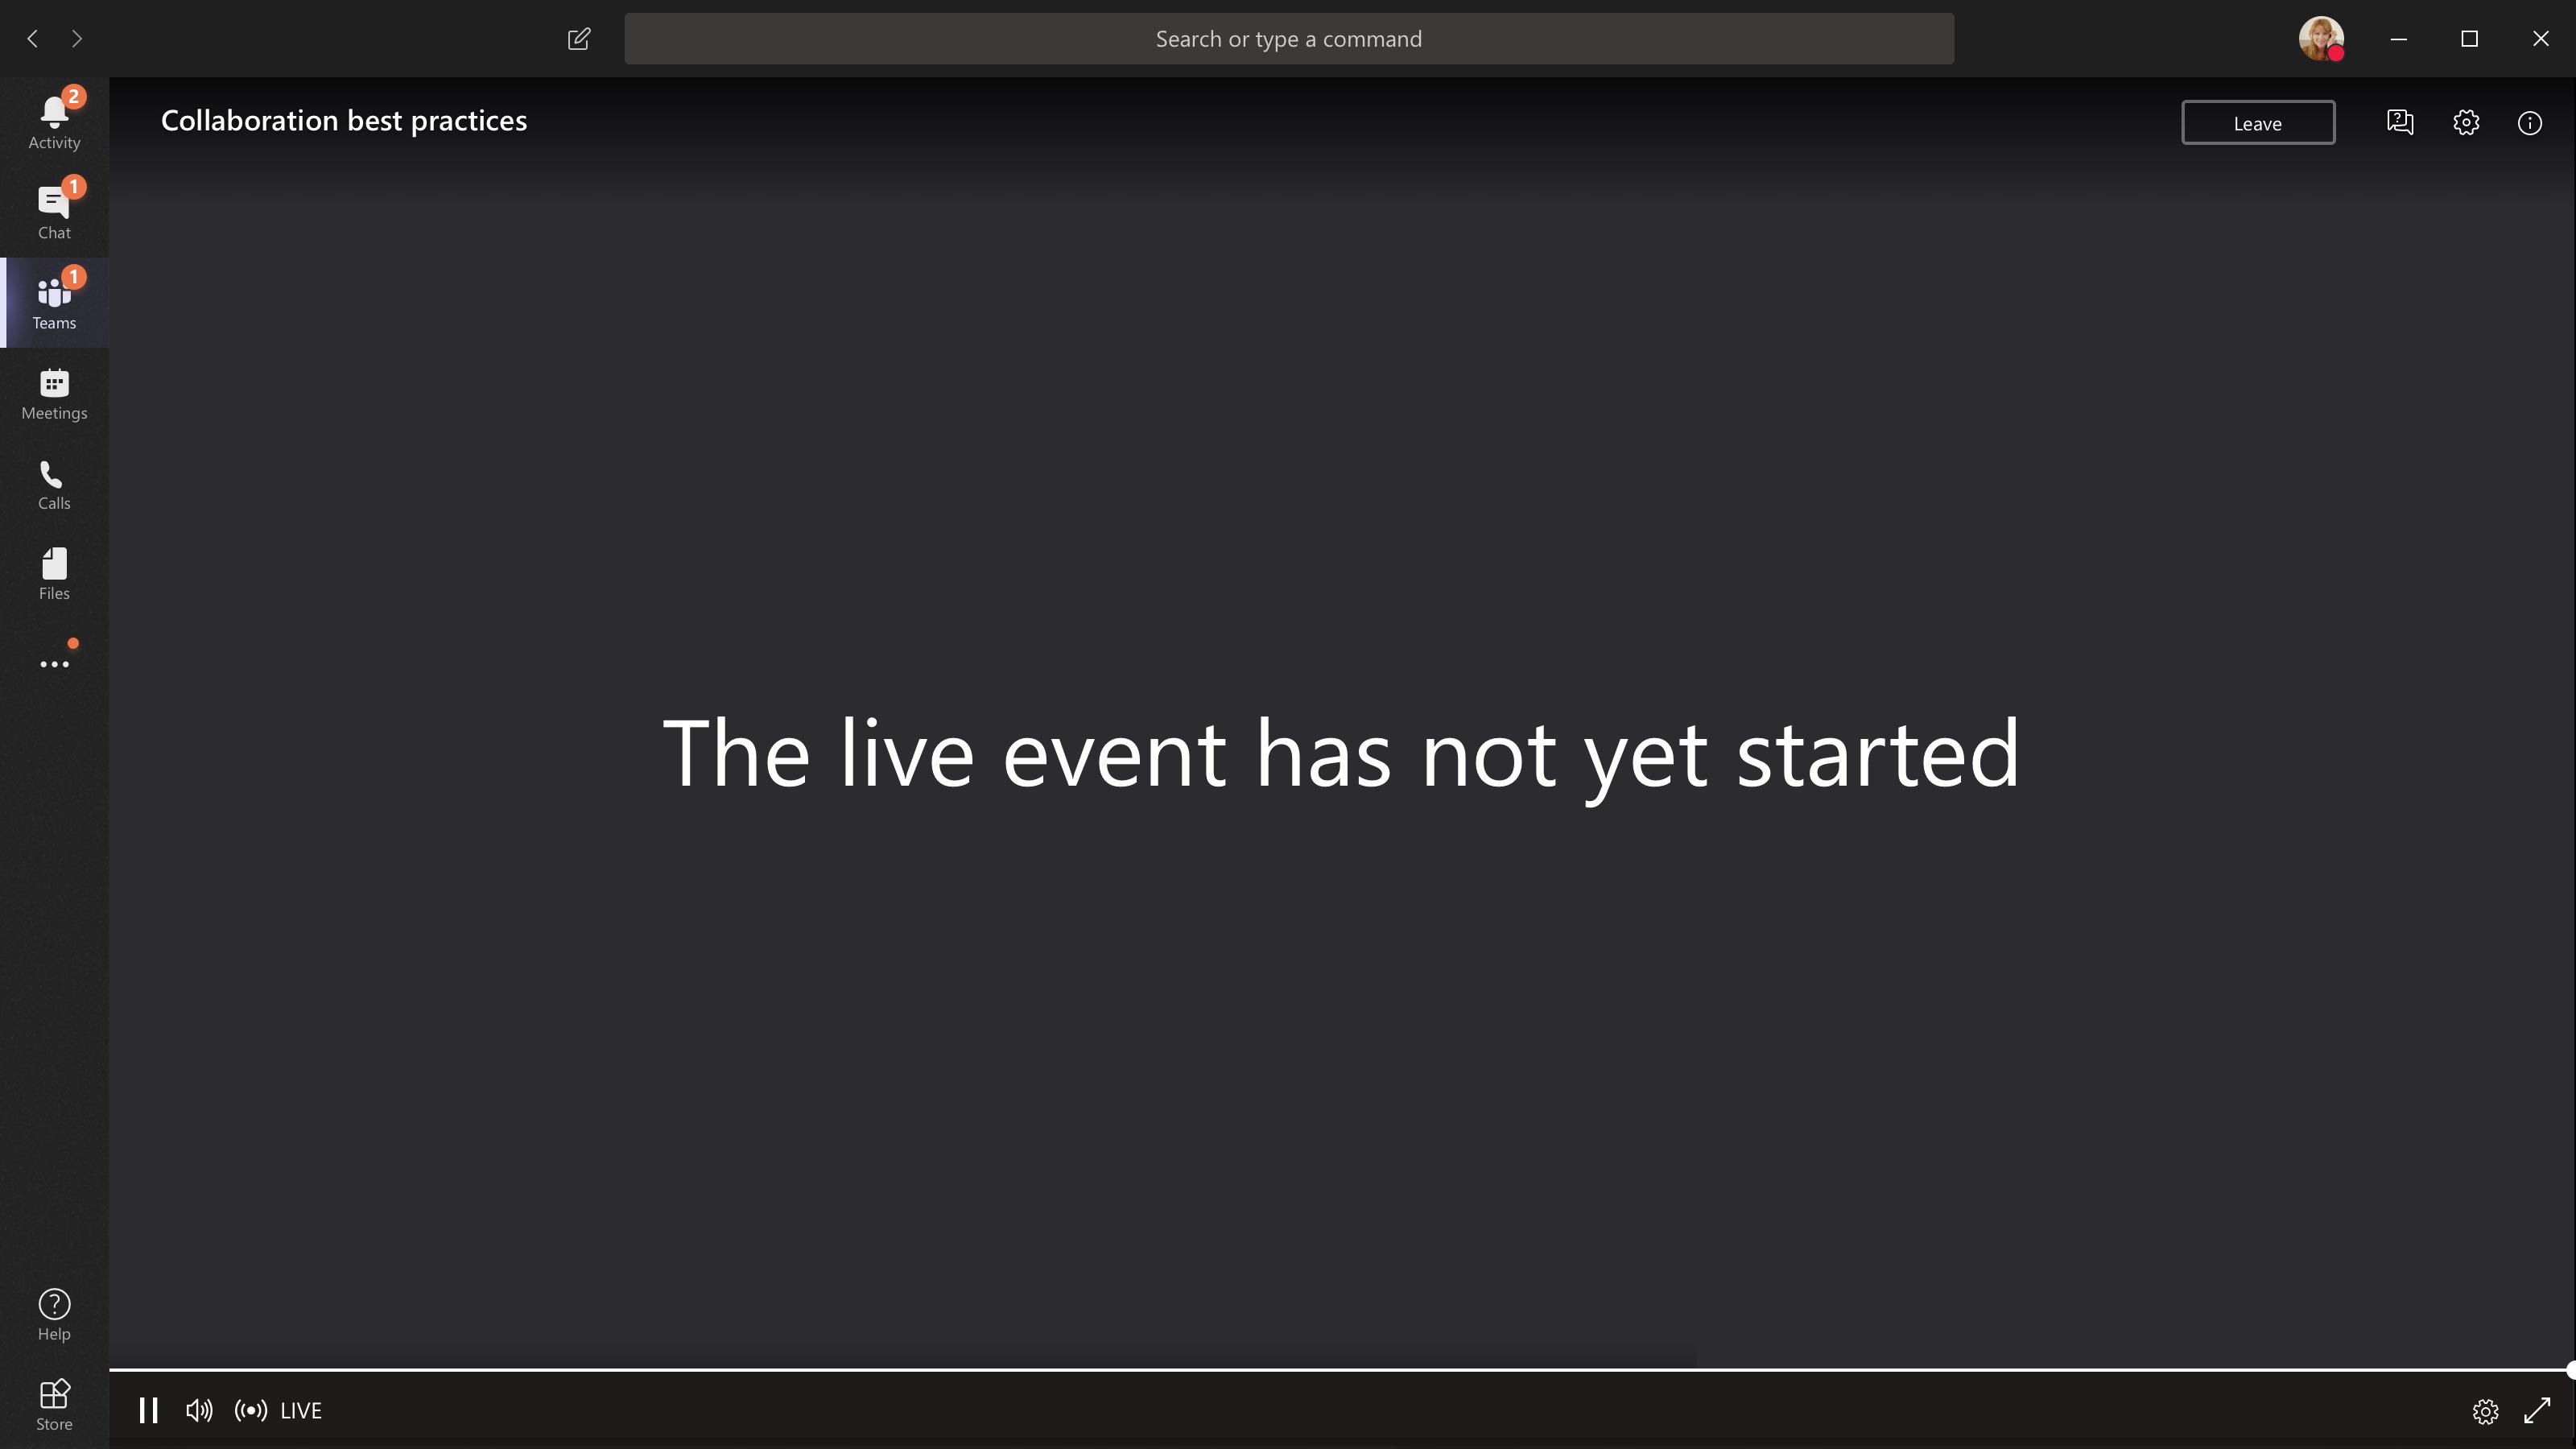 Begivenhed, der er ikke startet